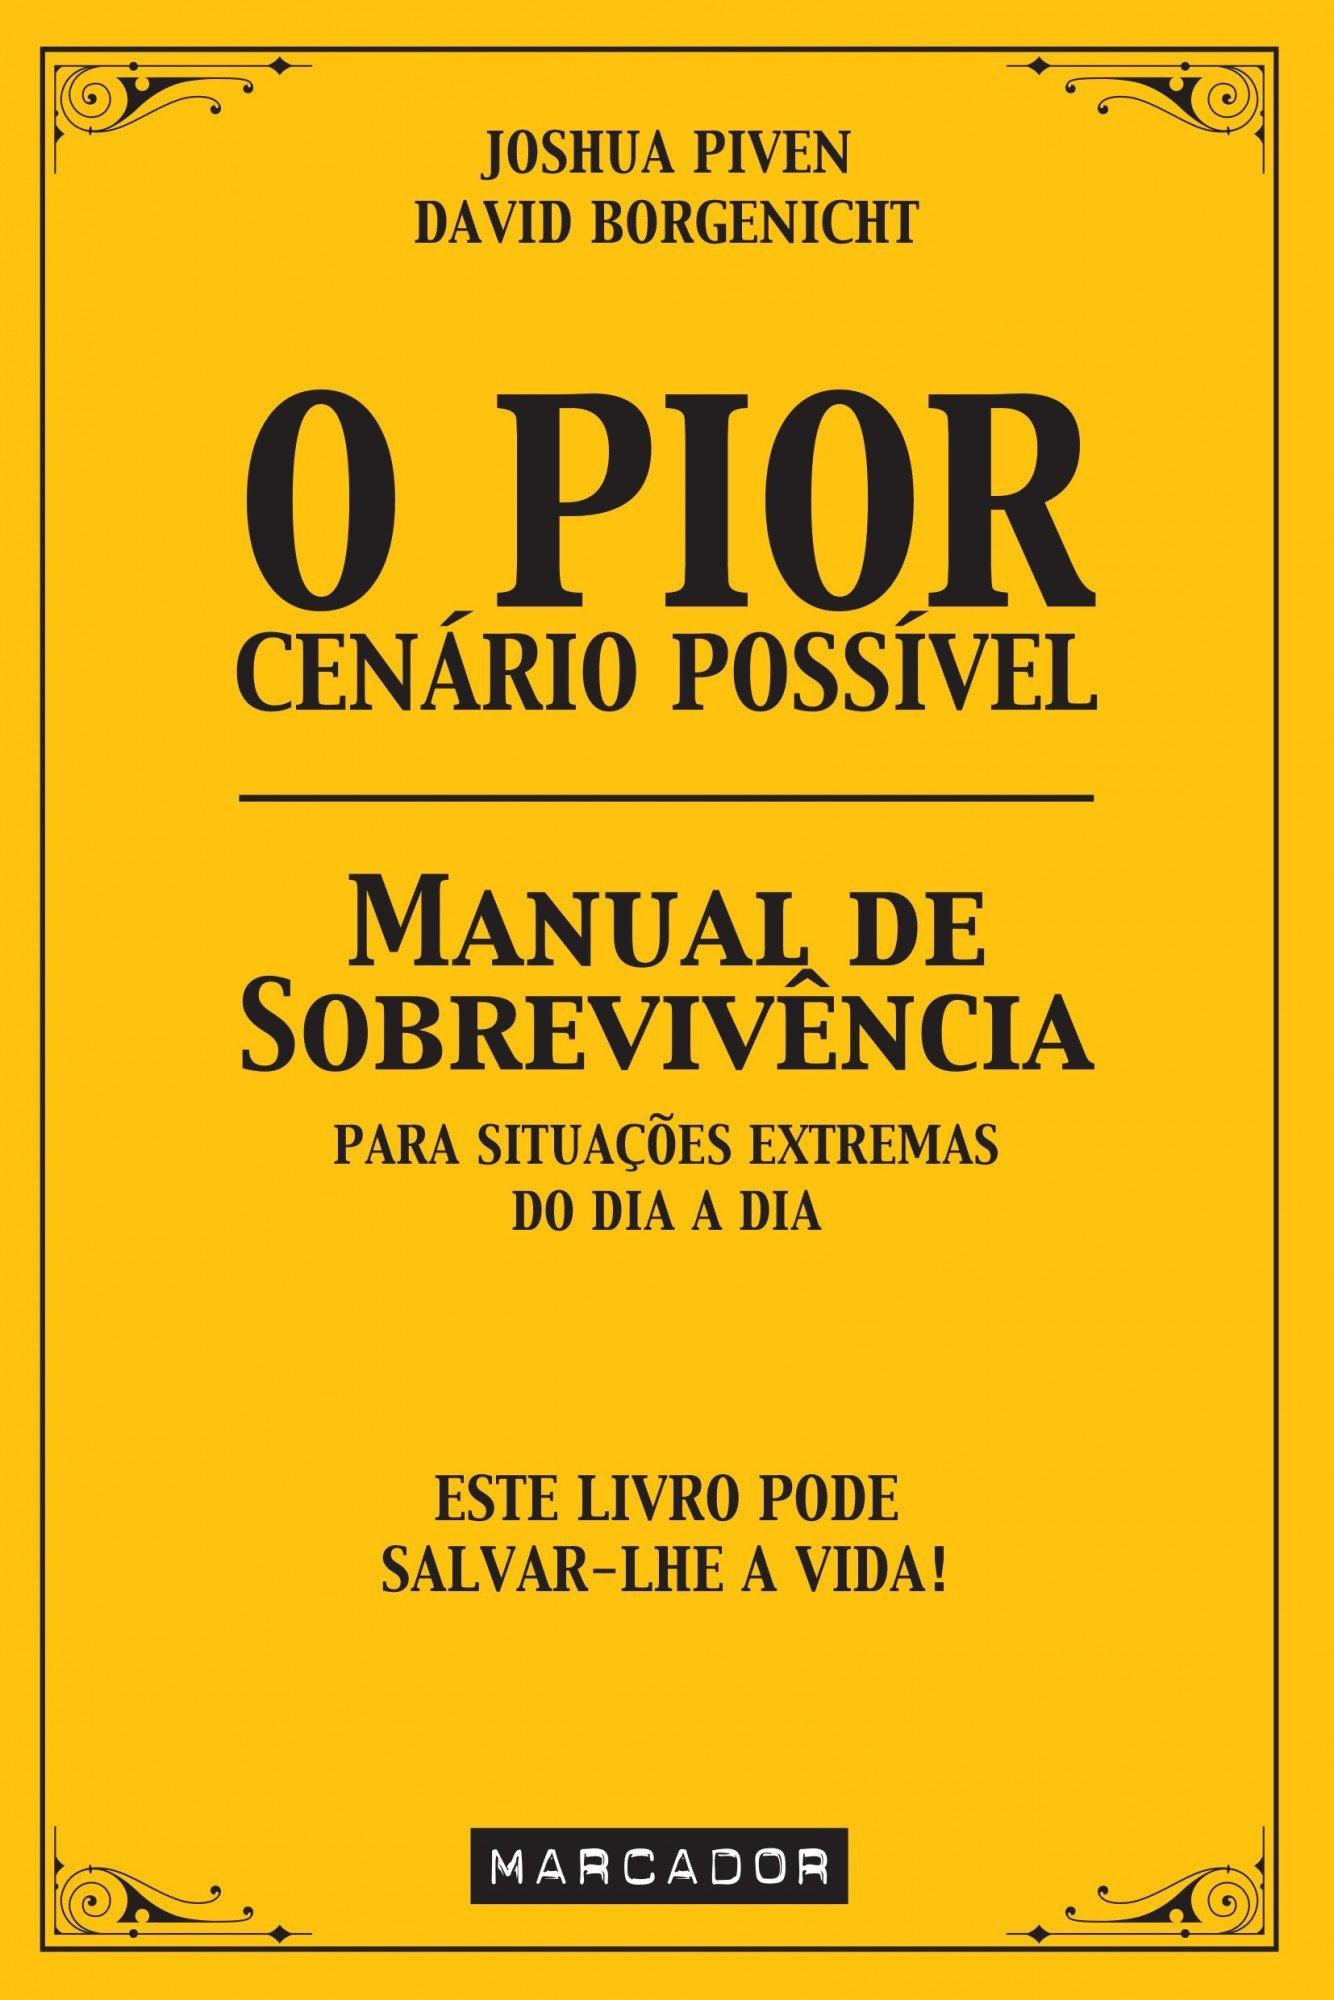 150731-Pior-cenario-capa-mail